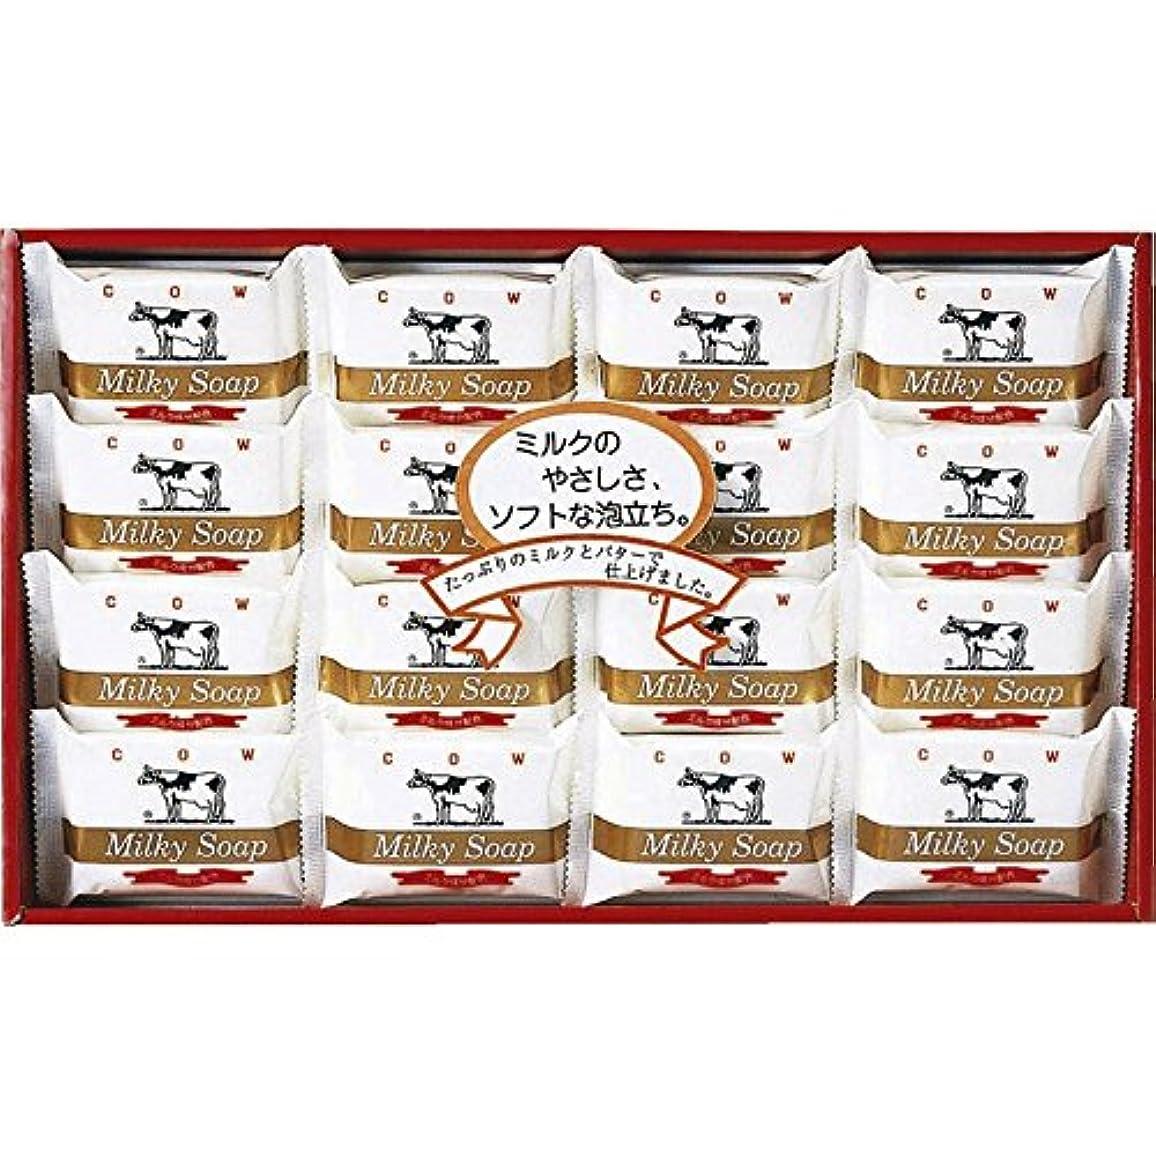 バンガロー一口精査する牛乳石鹸 ゴールドソープセット 【固形 ギフト せっけん あわ いい香り いい匂い うるおい プレゼント お風呂 かおり からだ きれい つめあわせ かうぶらんど 2000】